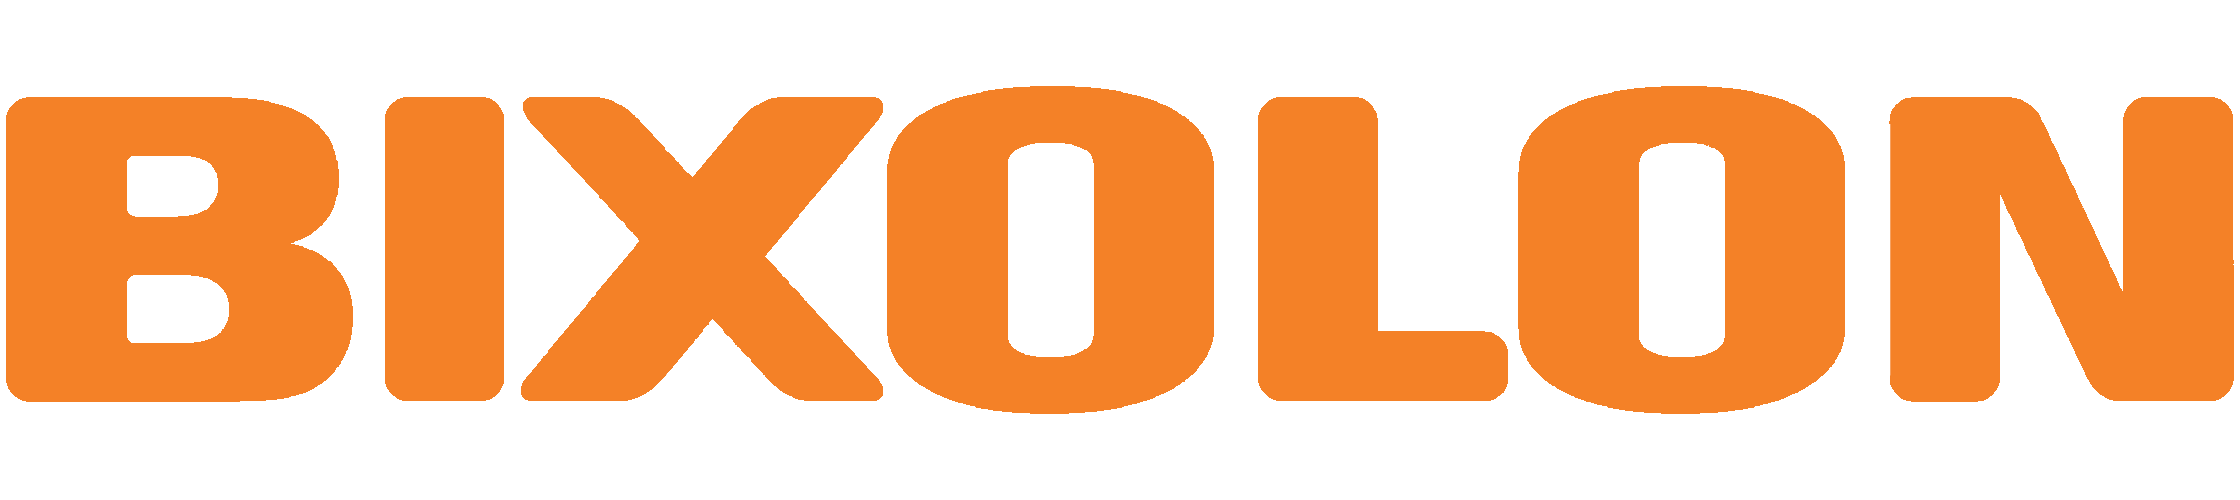 bixolon_o